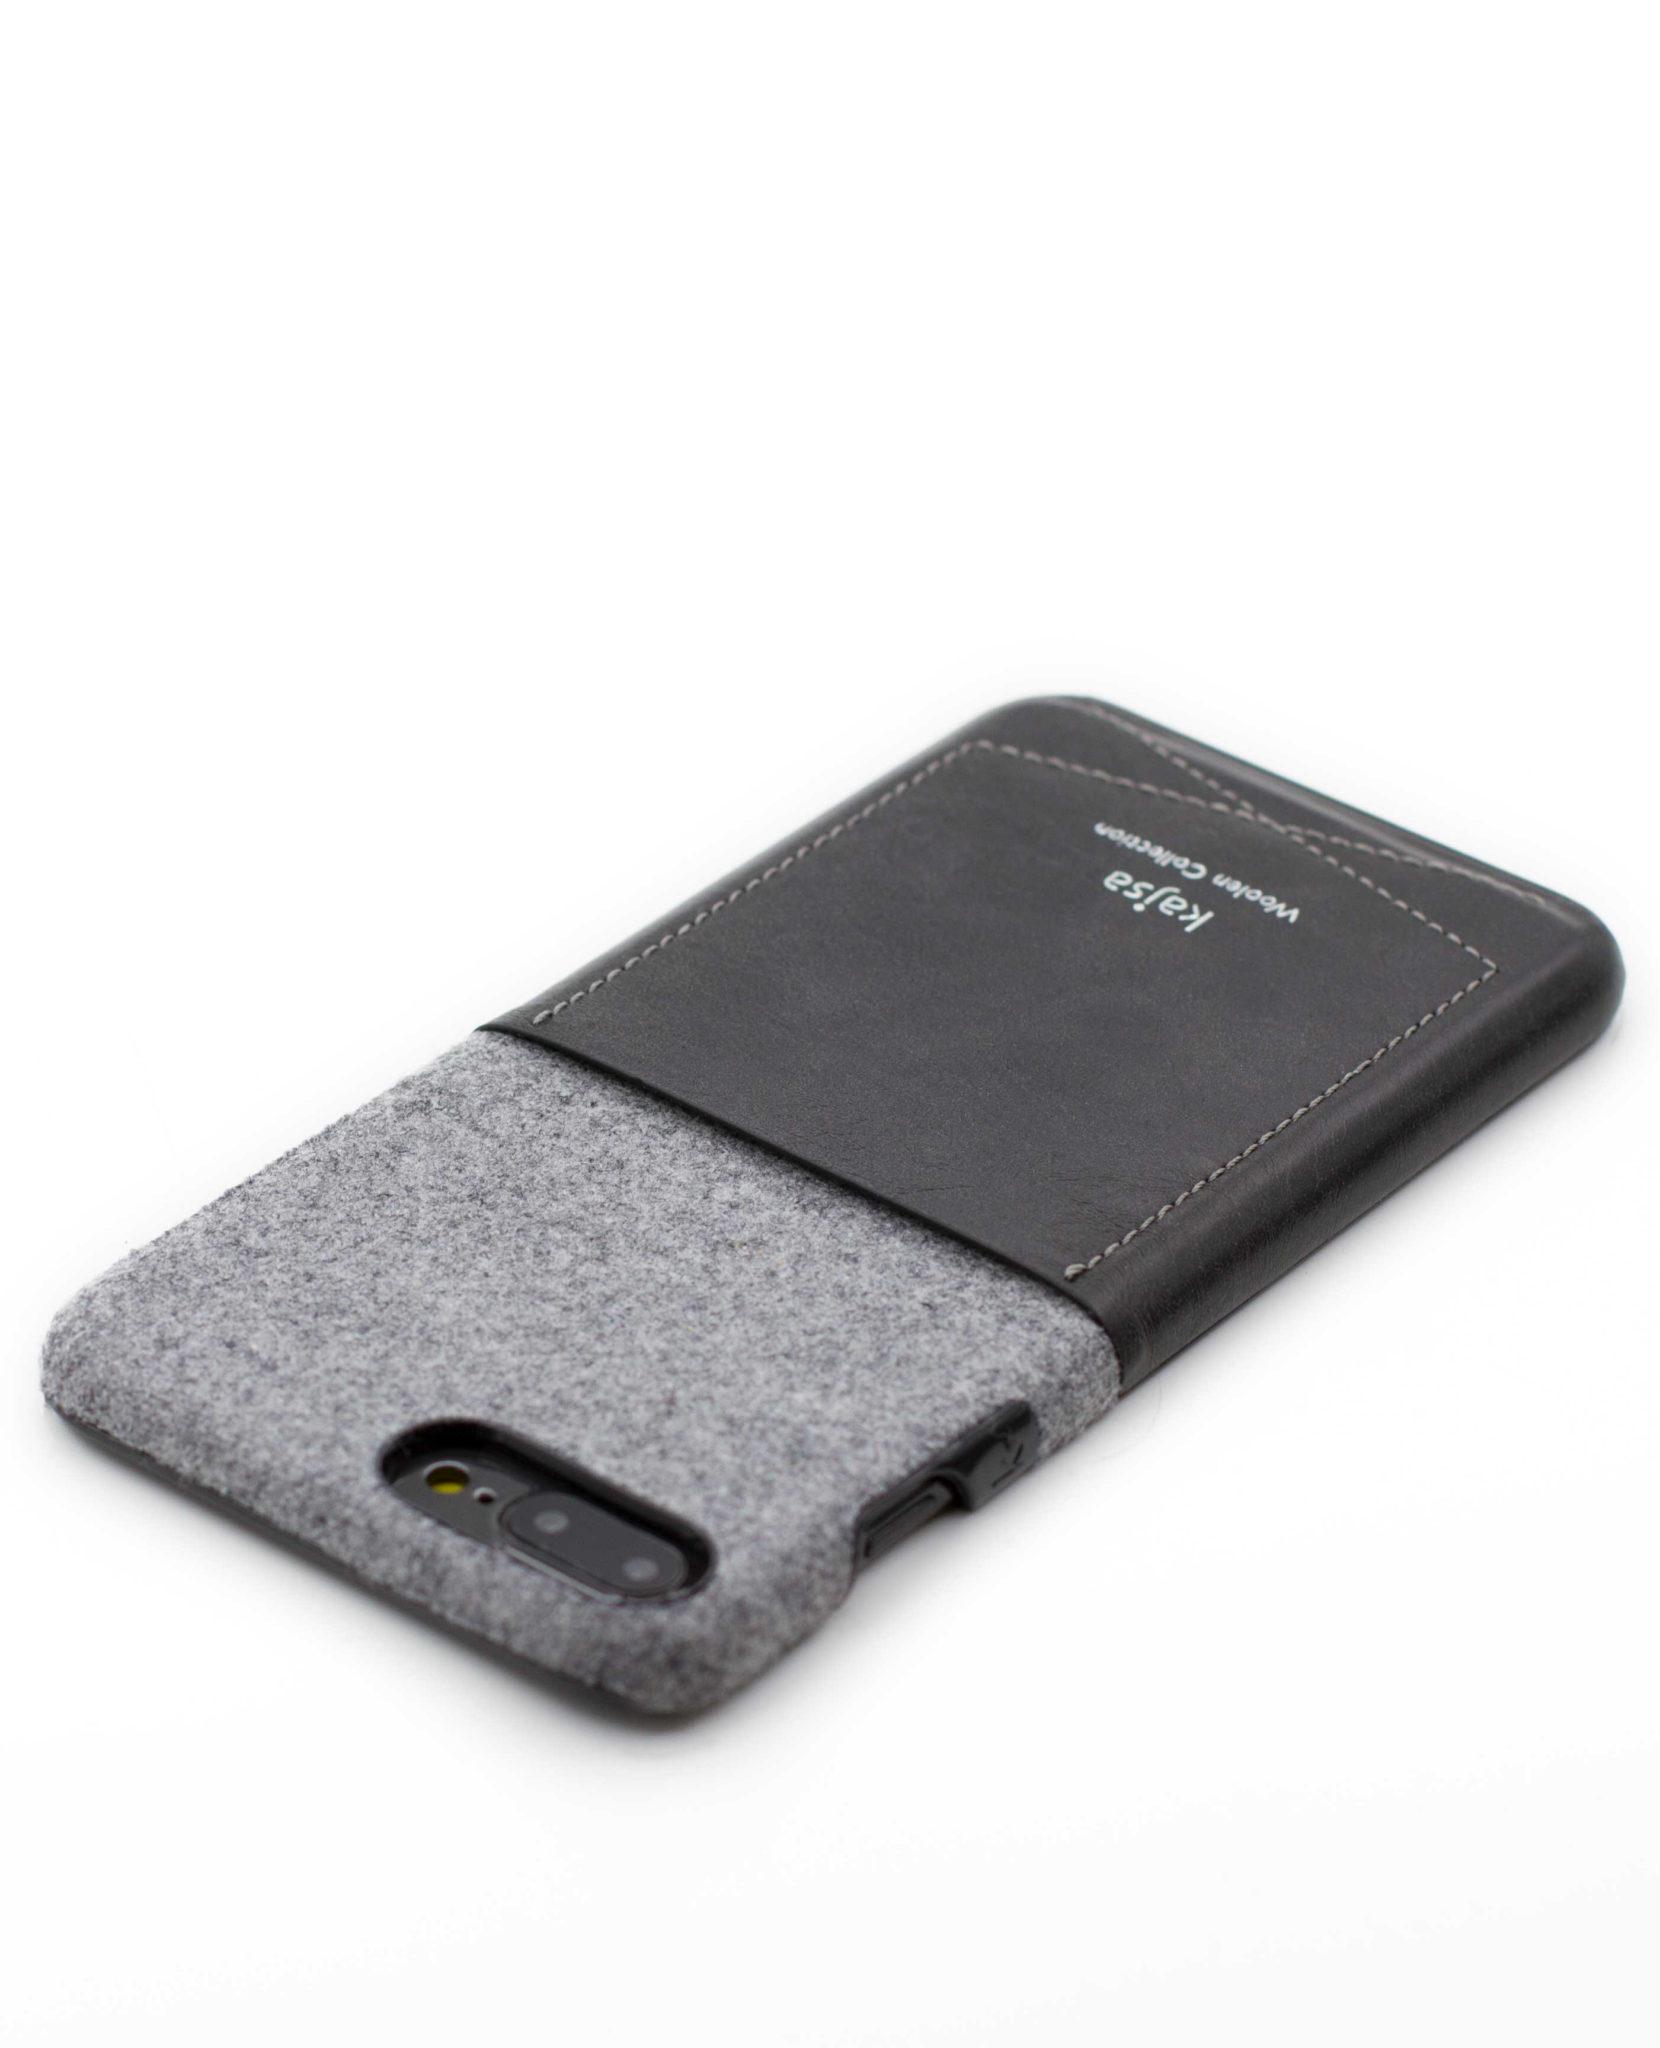 Perspektivisches Foto einer schwarzen Schutzhülle Case aus echter Wolle kombiniert mit Leder für das iPhone 8 Plus, das iPhone 8, das iPhone 7 und das iPhone 7 Plus.